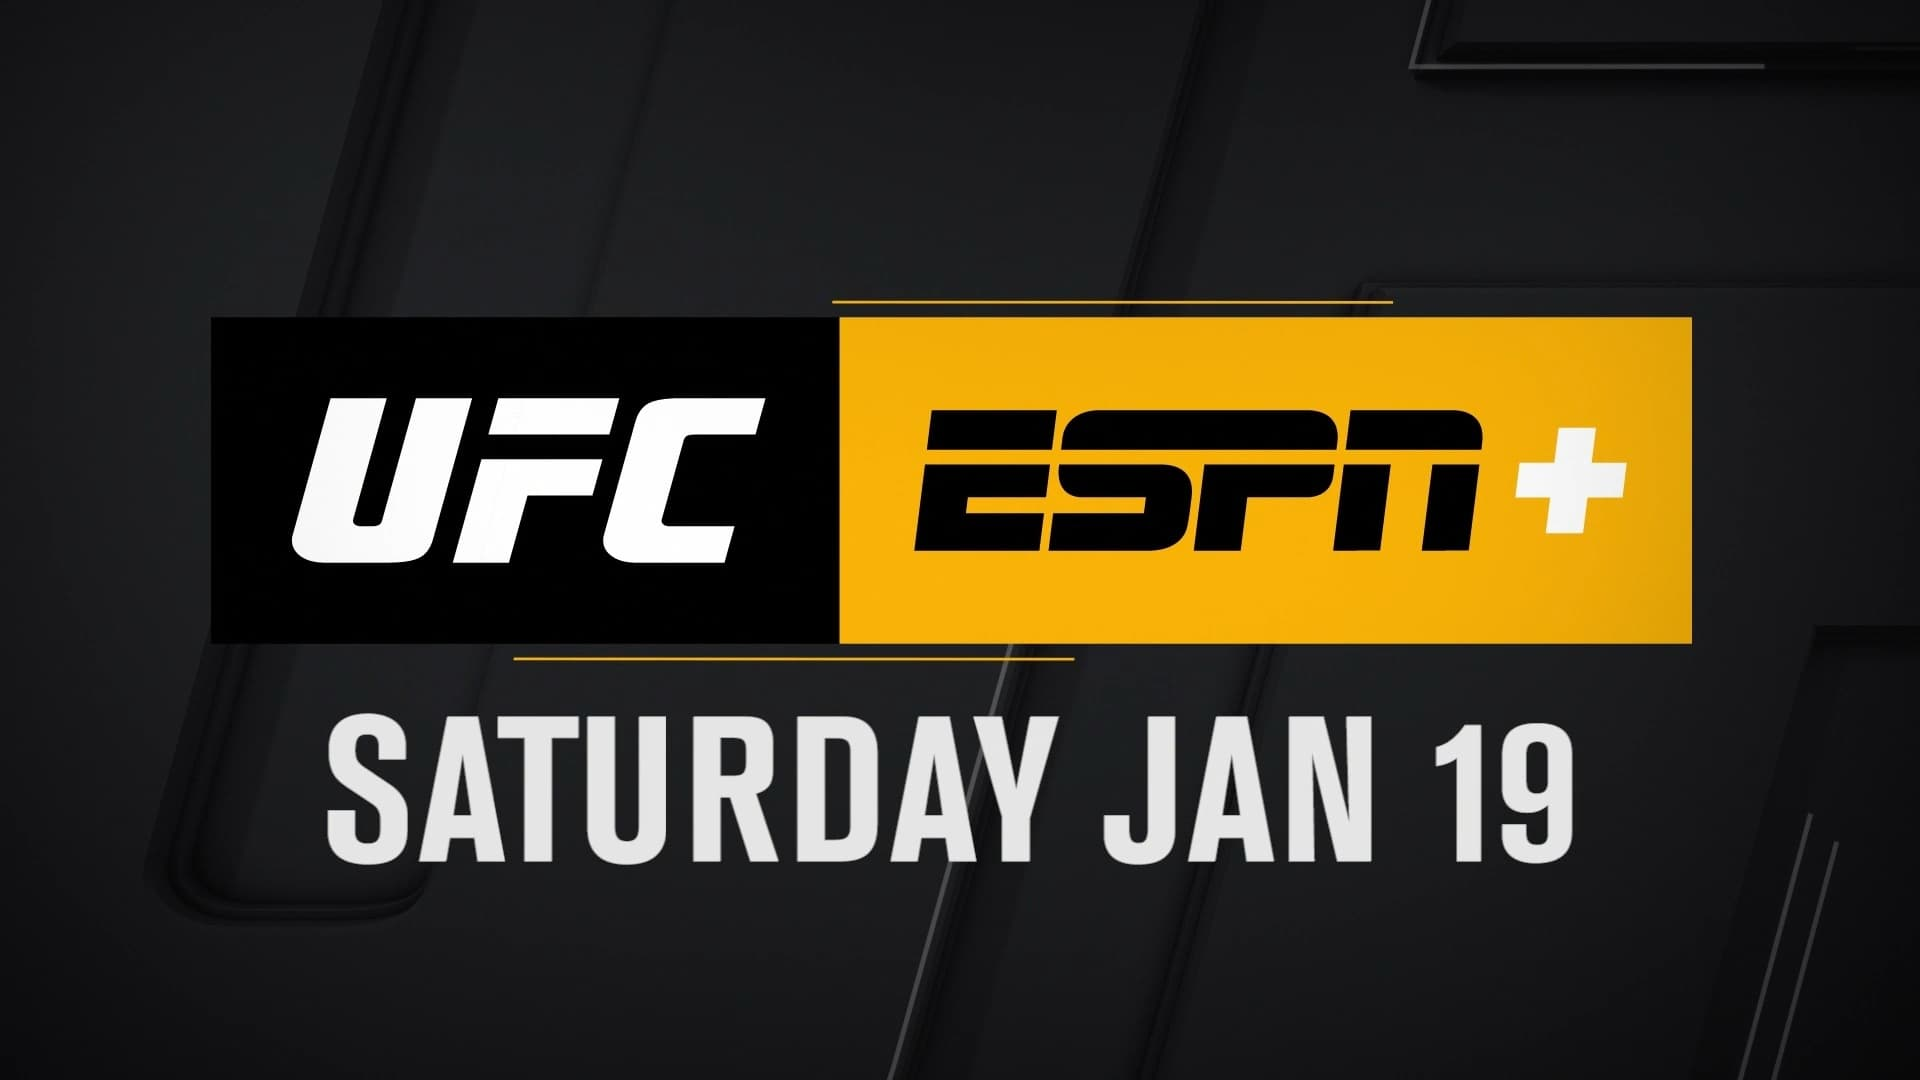 UFC on ESPN